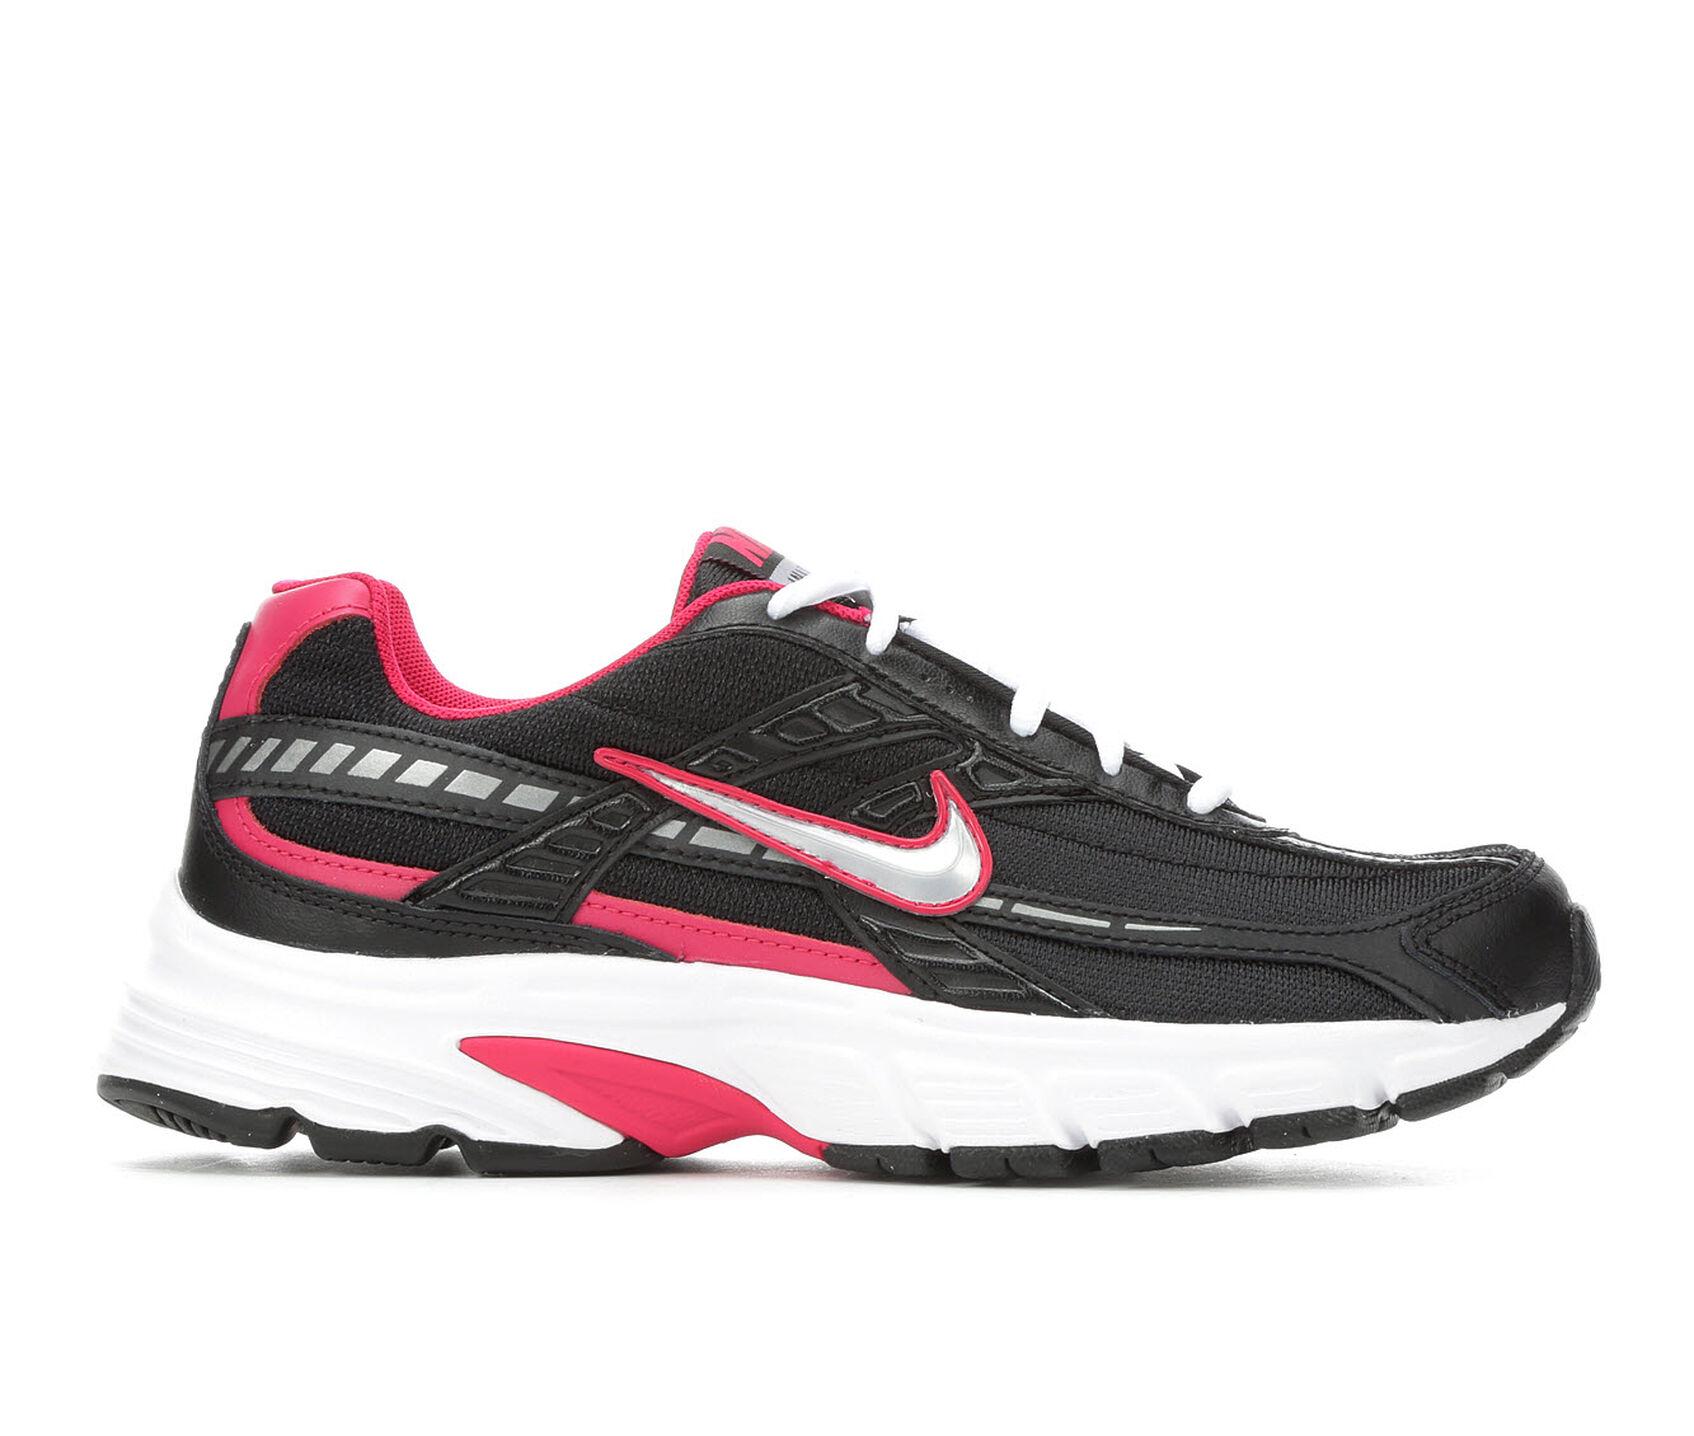 1ff29c28cad0a Women's Nike Initiator Running Shoes